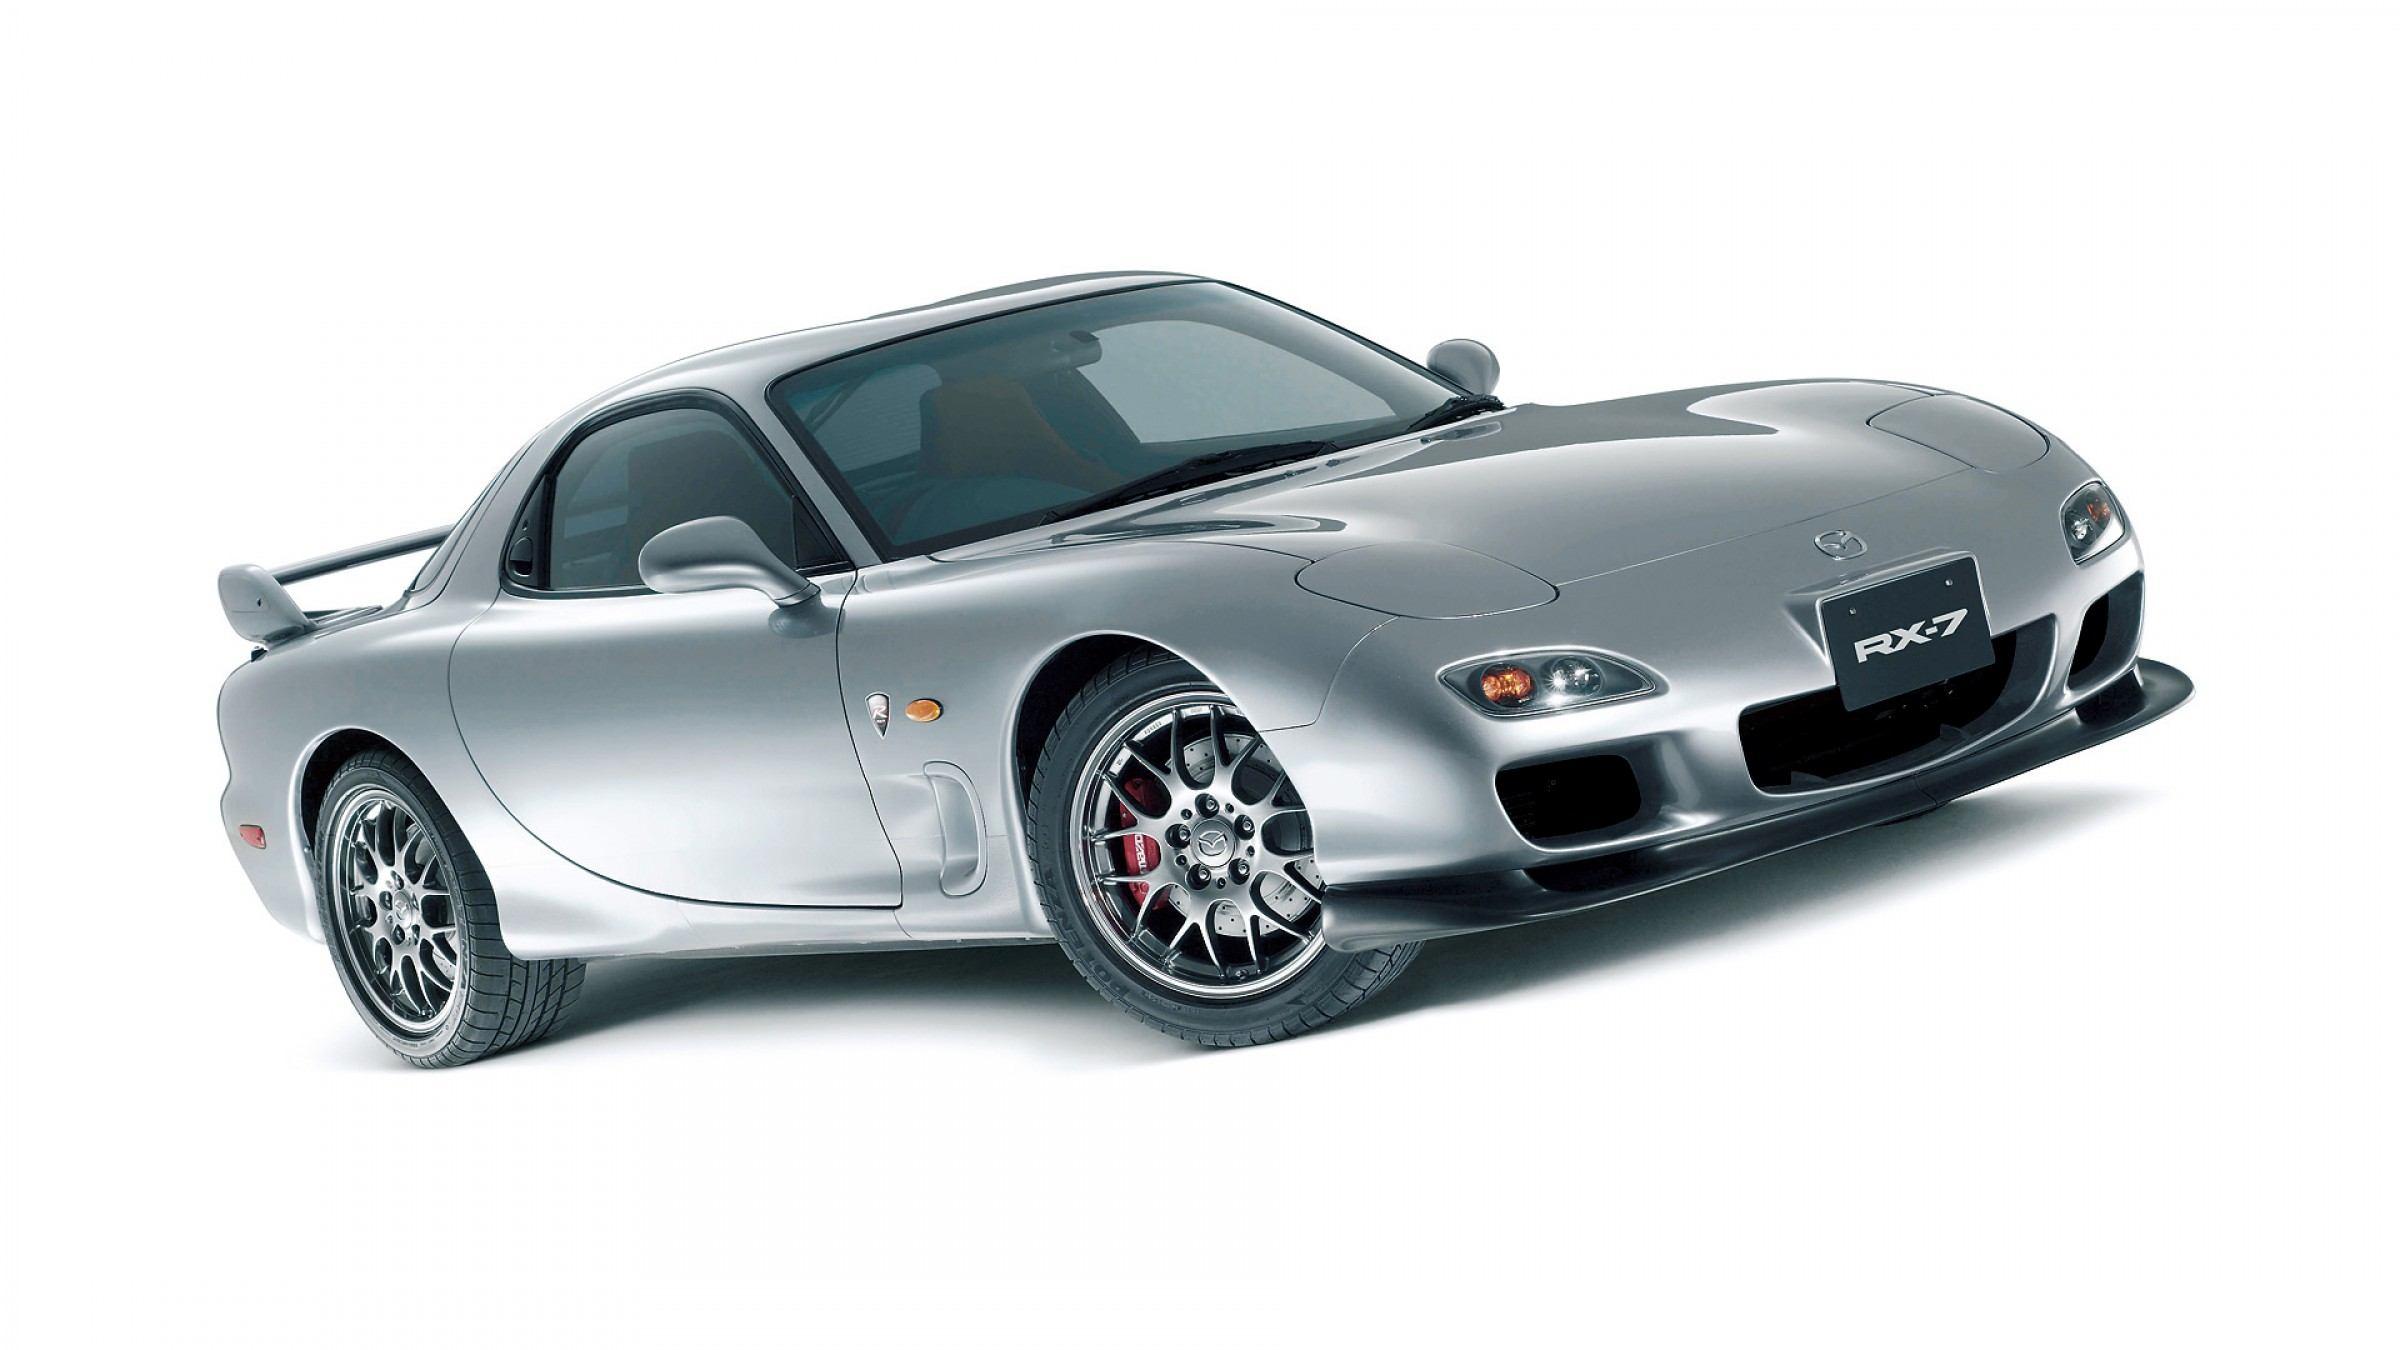 2002-Mazda-RX7-Spirit-R-V3-1350x2400